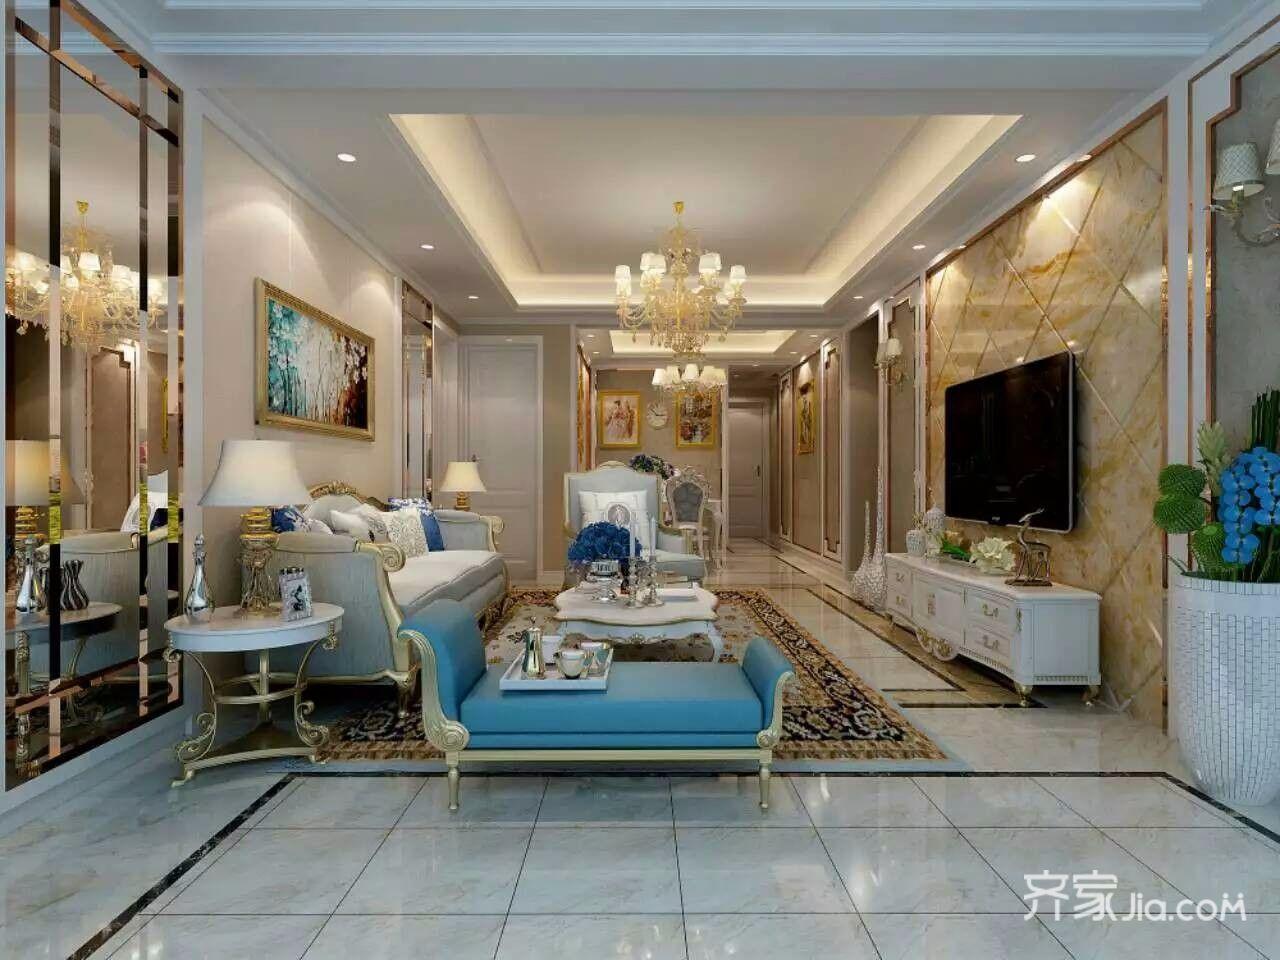 120平米欧式风格客厅装修效果图